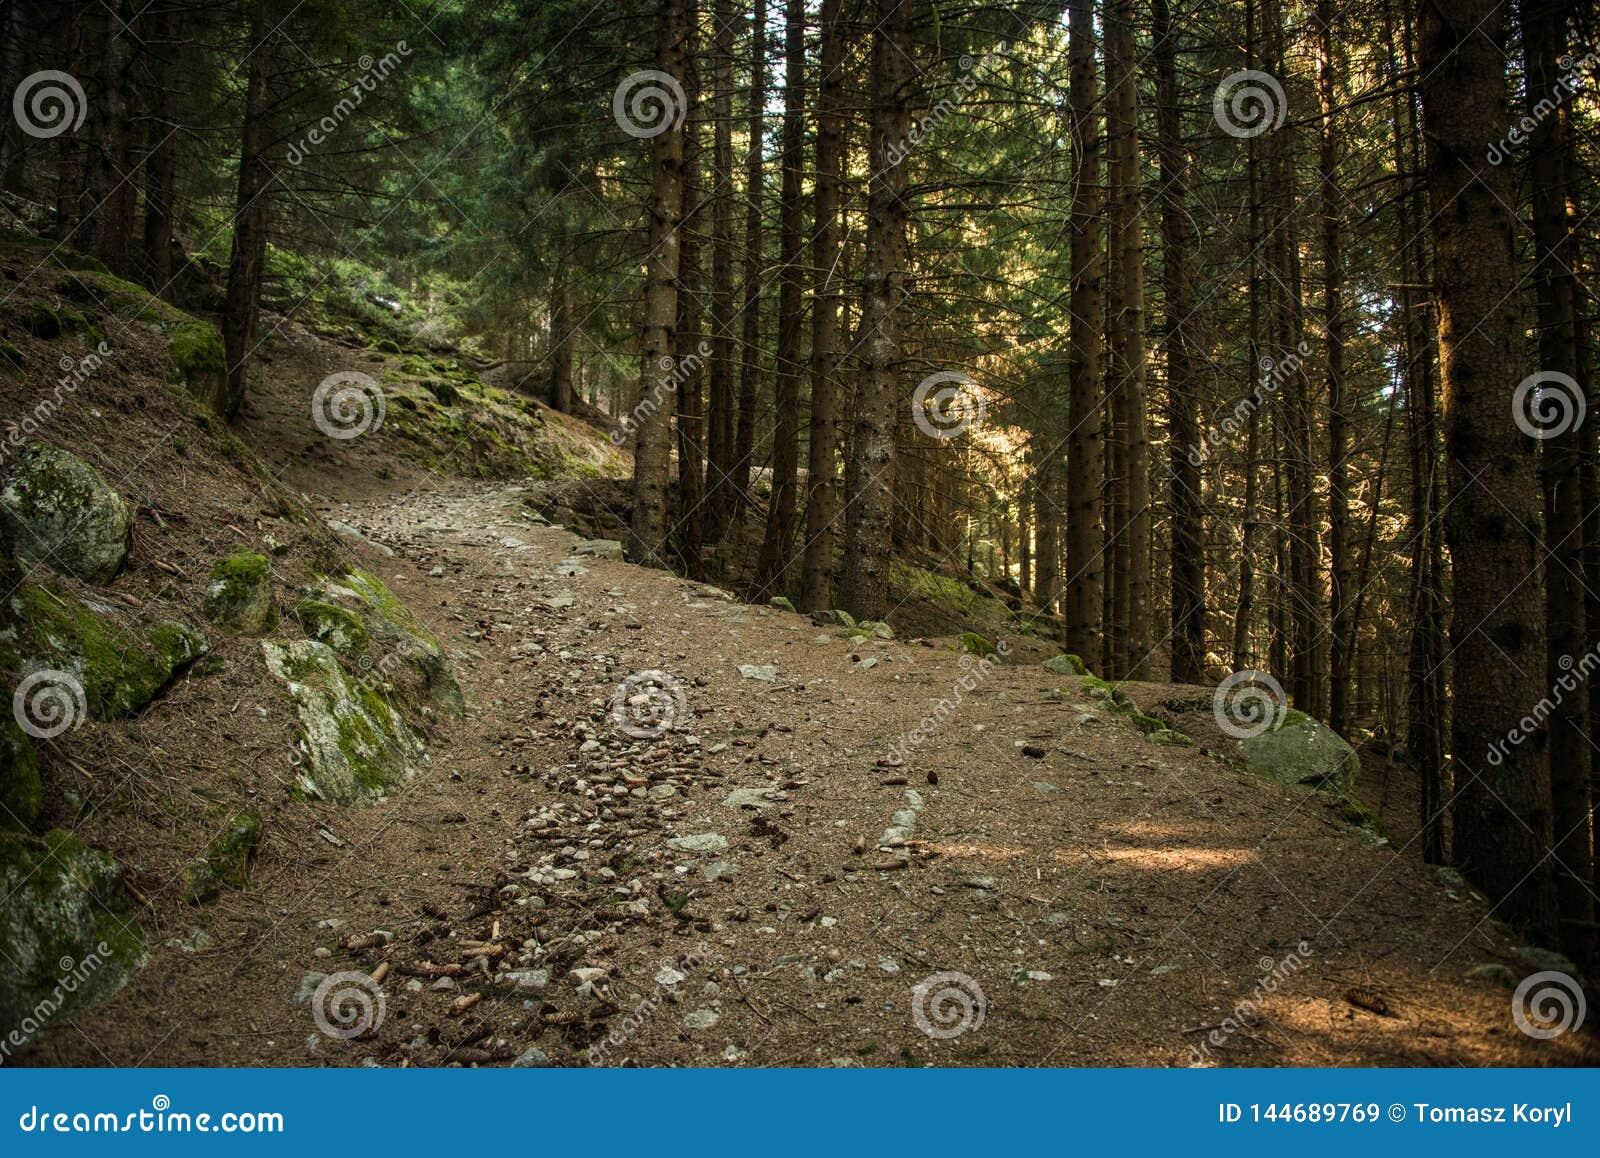 Een steenachtige weg in een donker bos slechts klein zonlicht tussen de bomen